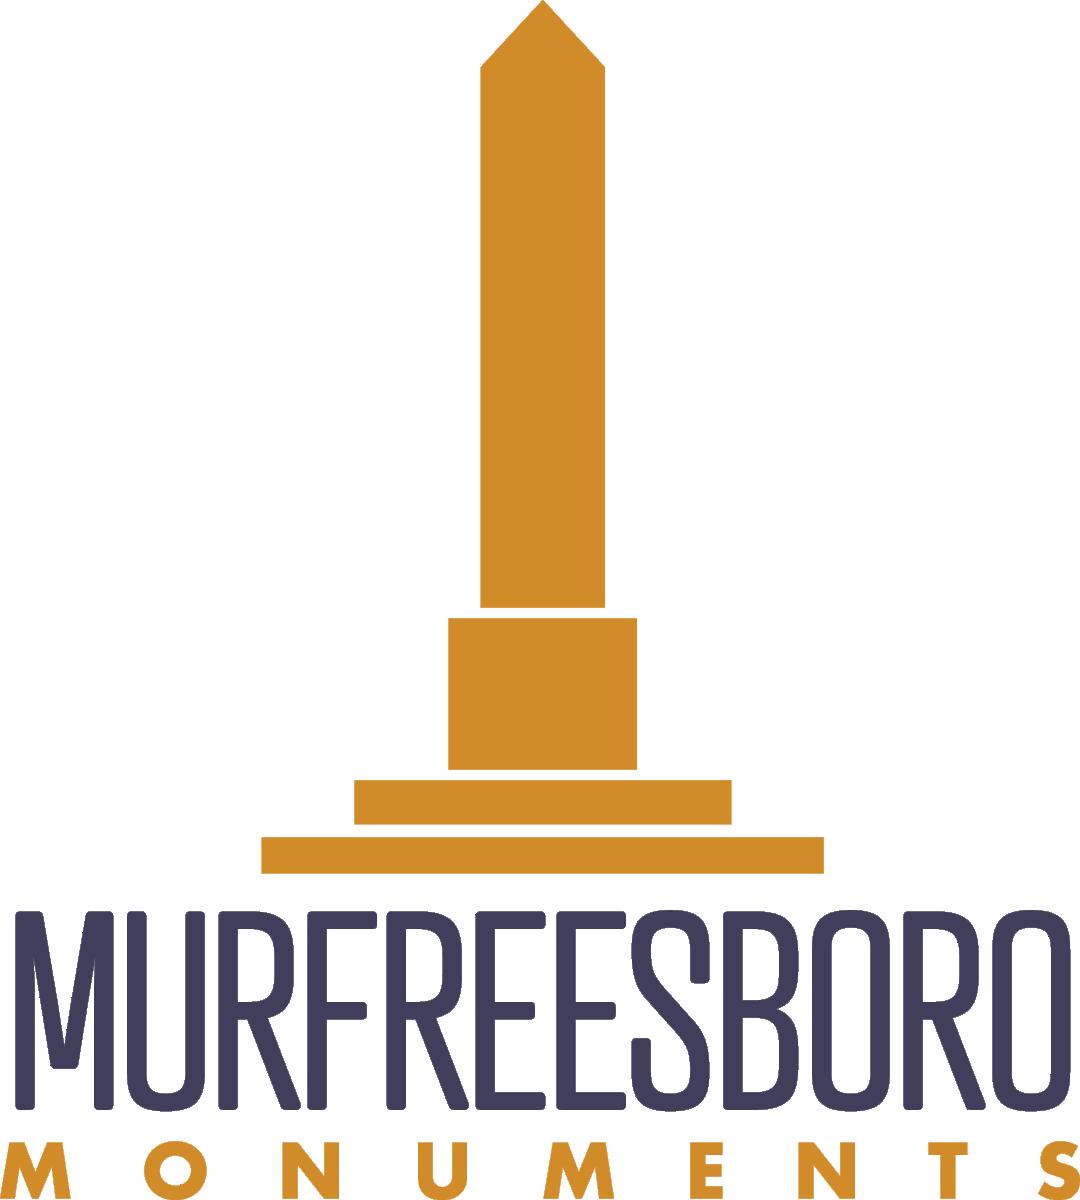 Murfreesboro Monuments